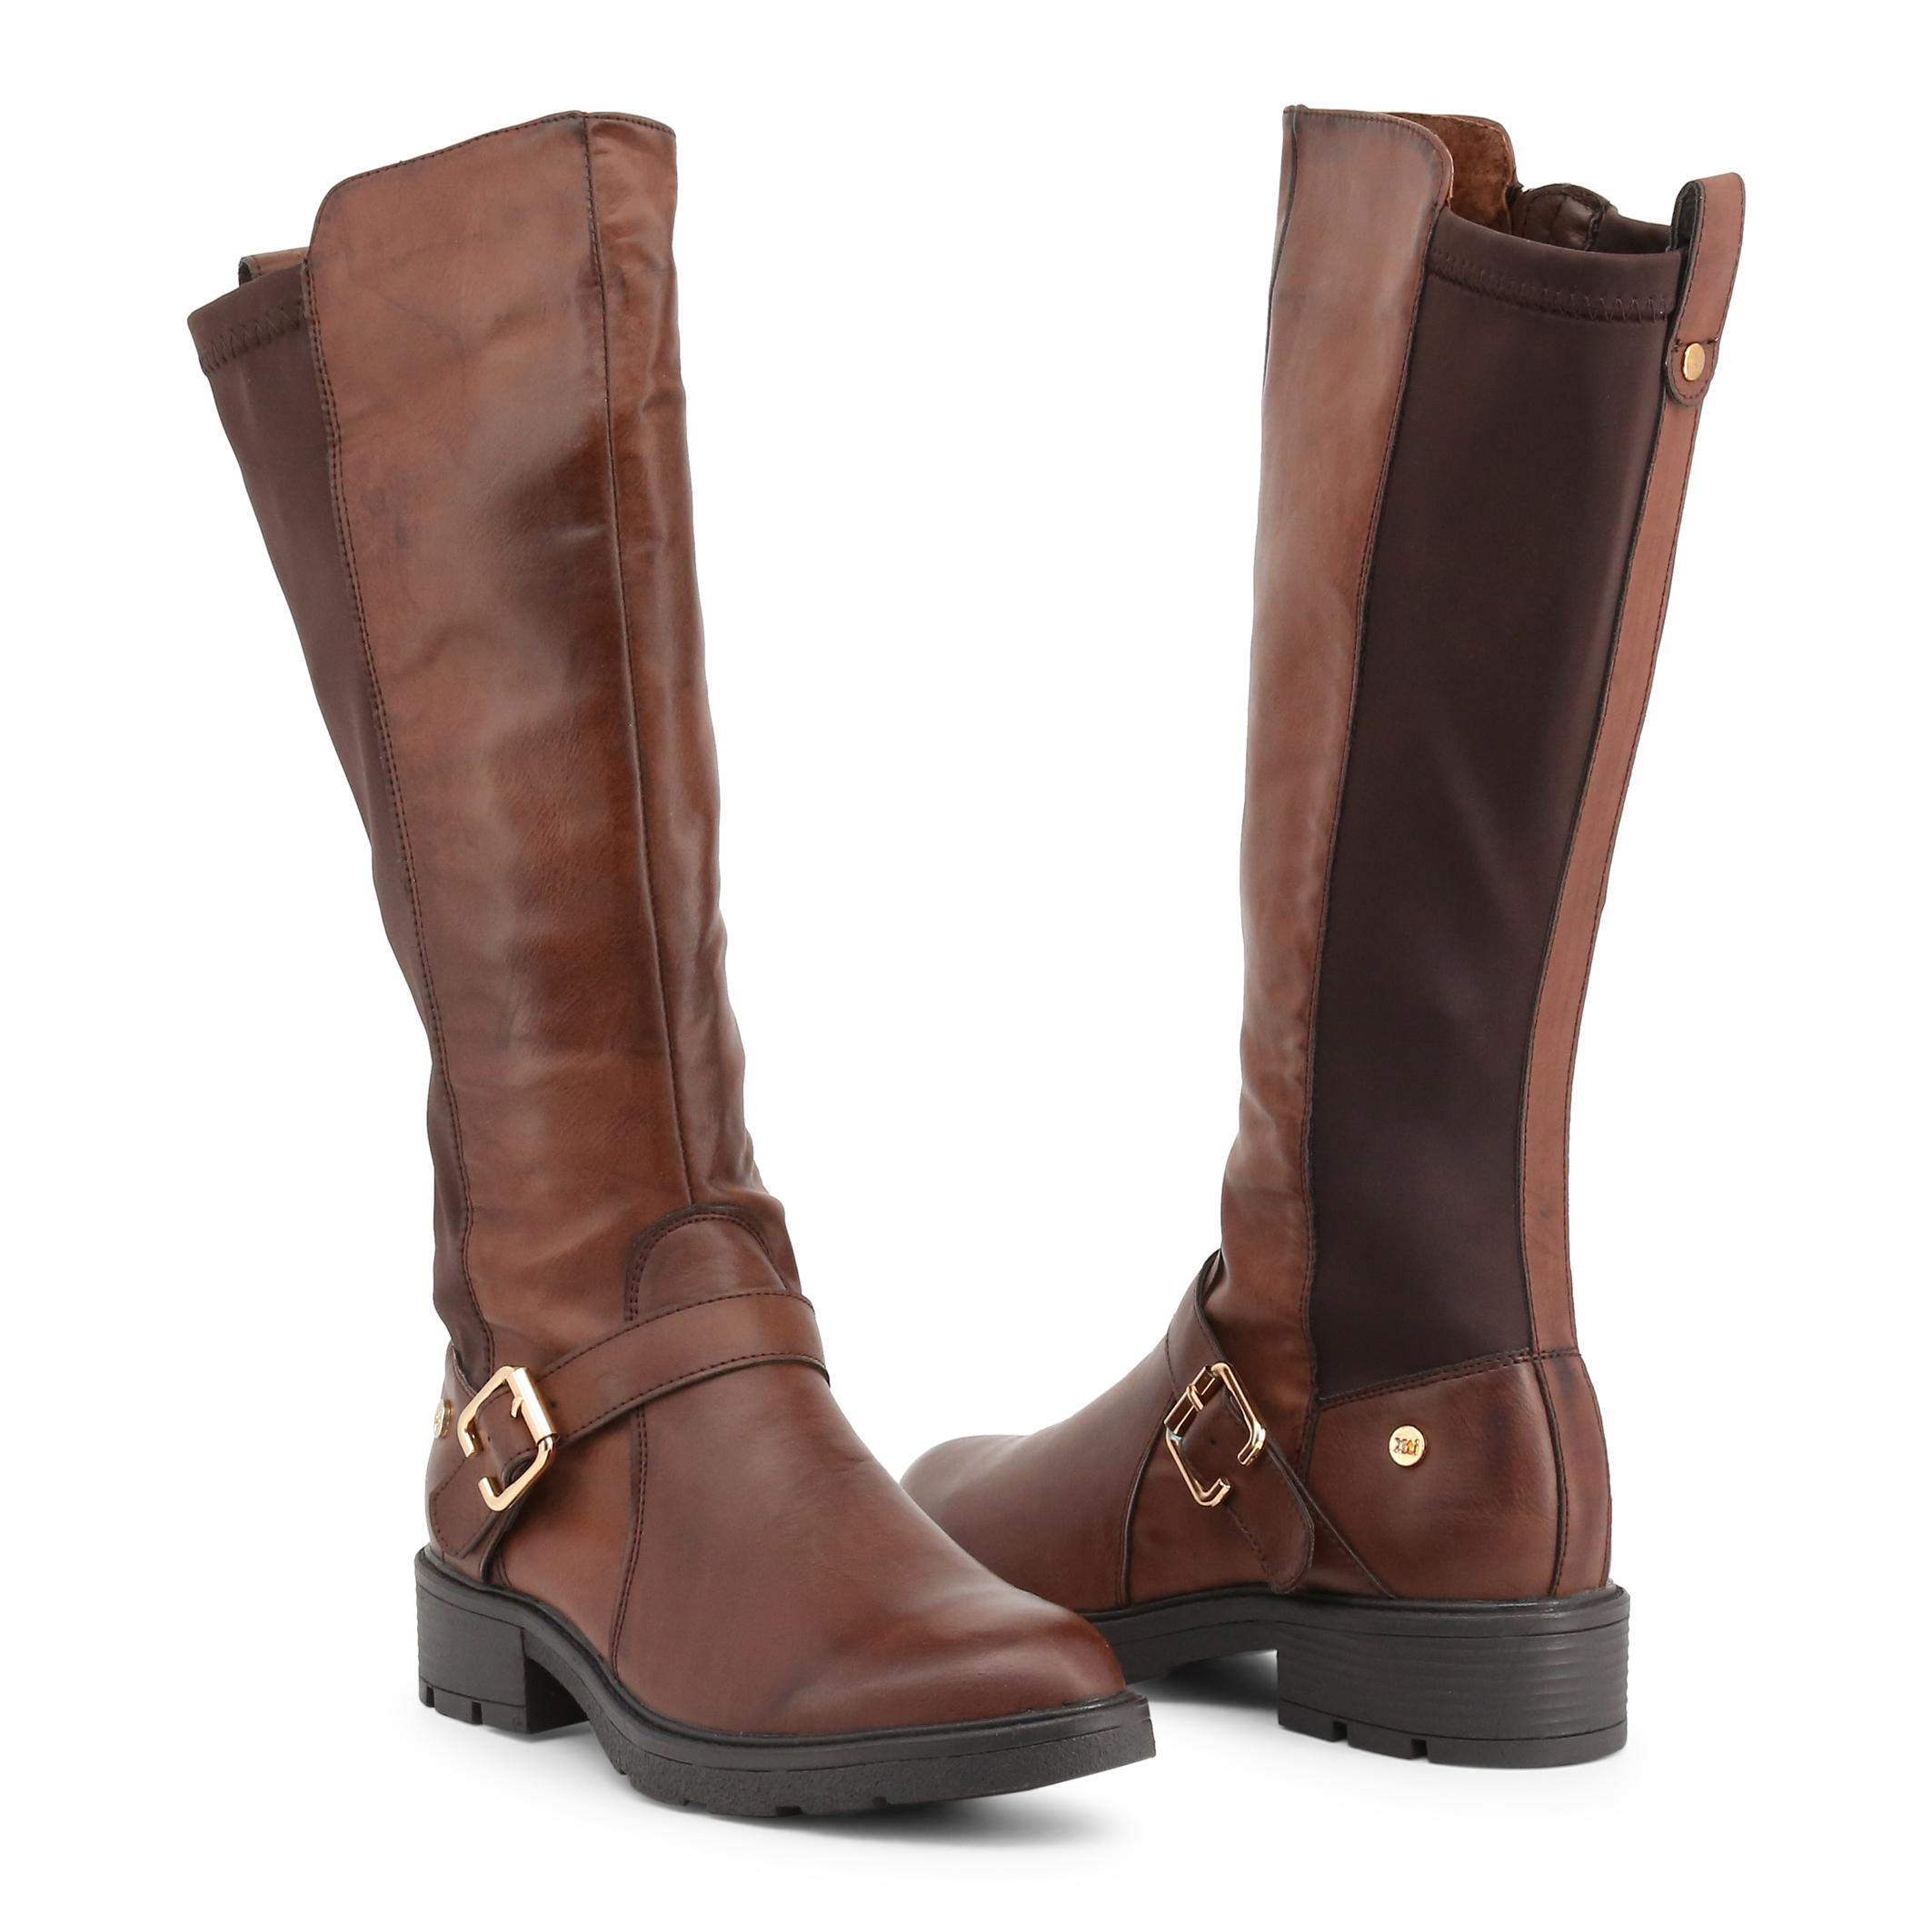 Chaussures Bottes Xti Femme 47341, Bottes Chaussures Brun/Noir Boots eb1544